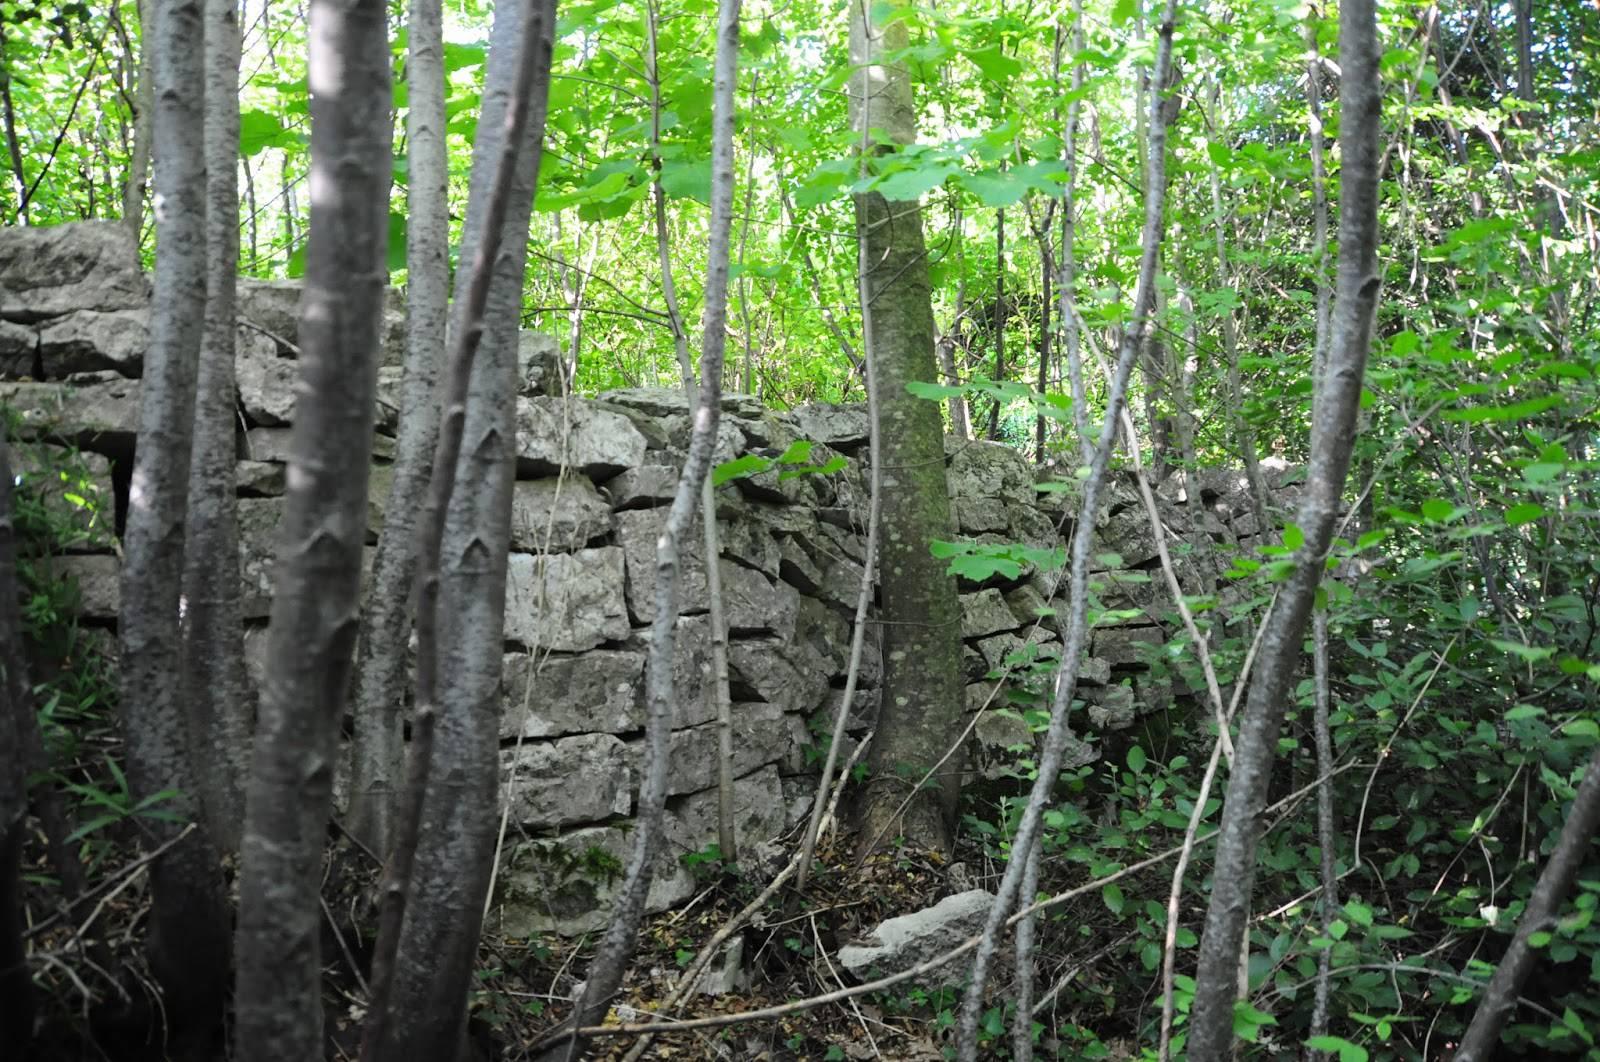 C'è qualcosa nei boschi, poi la drammatica scoperta